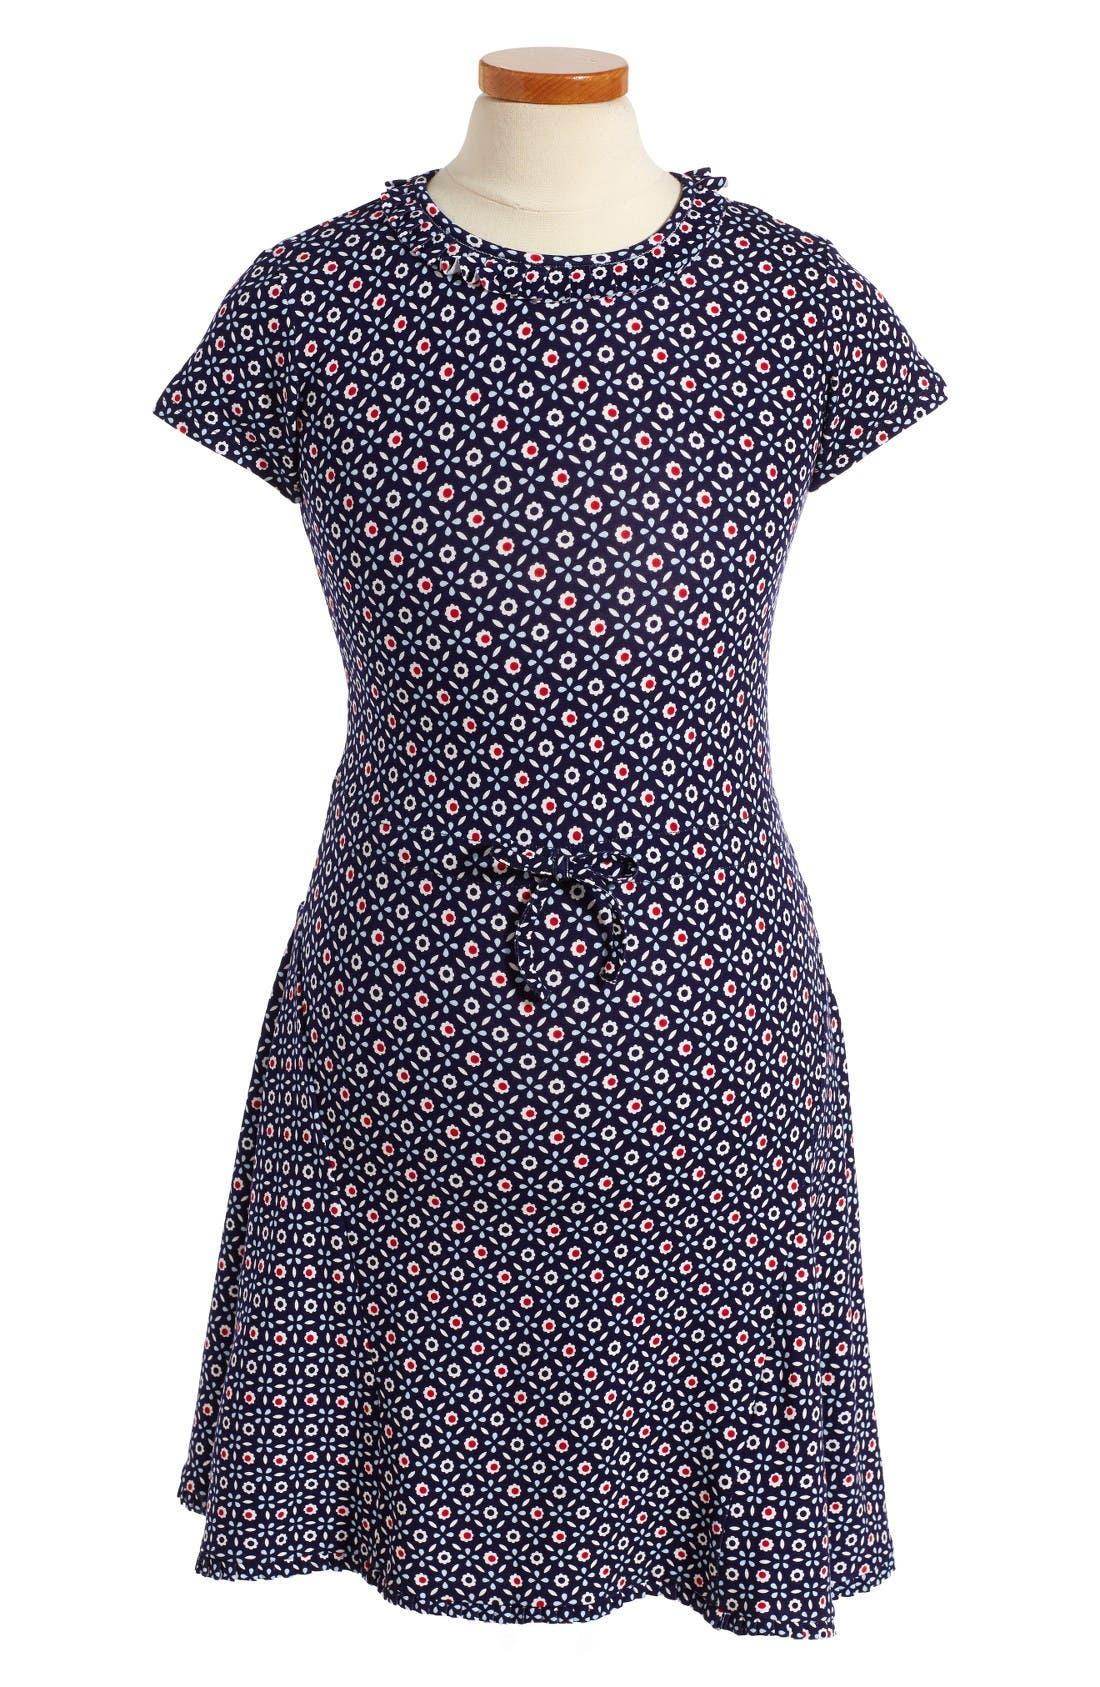 OSCAR DE LA RENTA Eyelet Daisy Print Dress